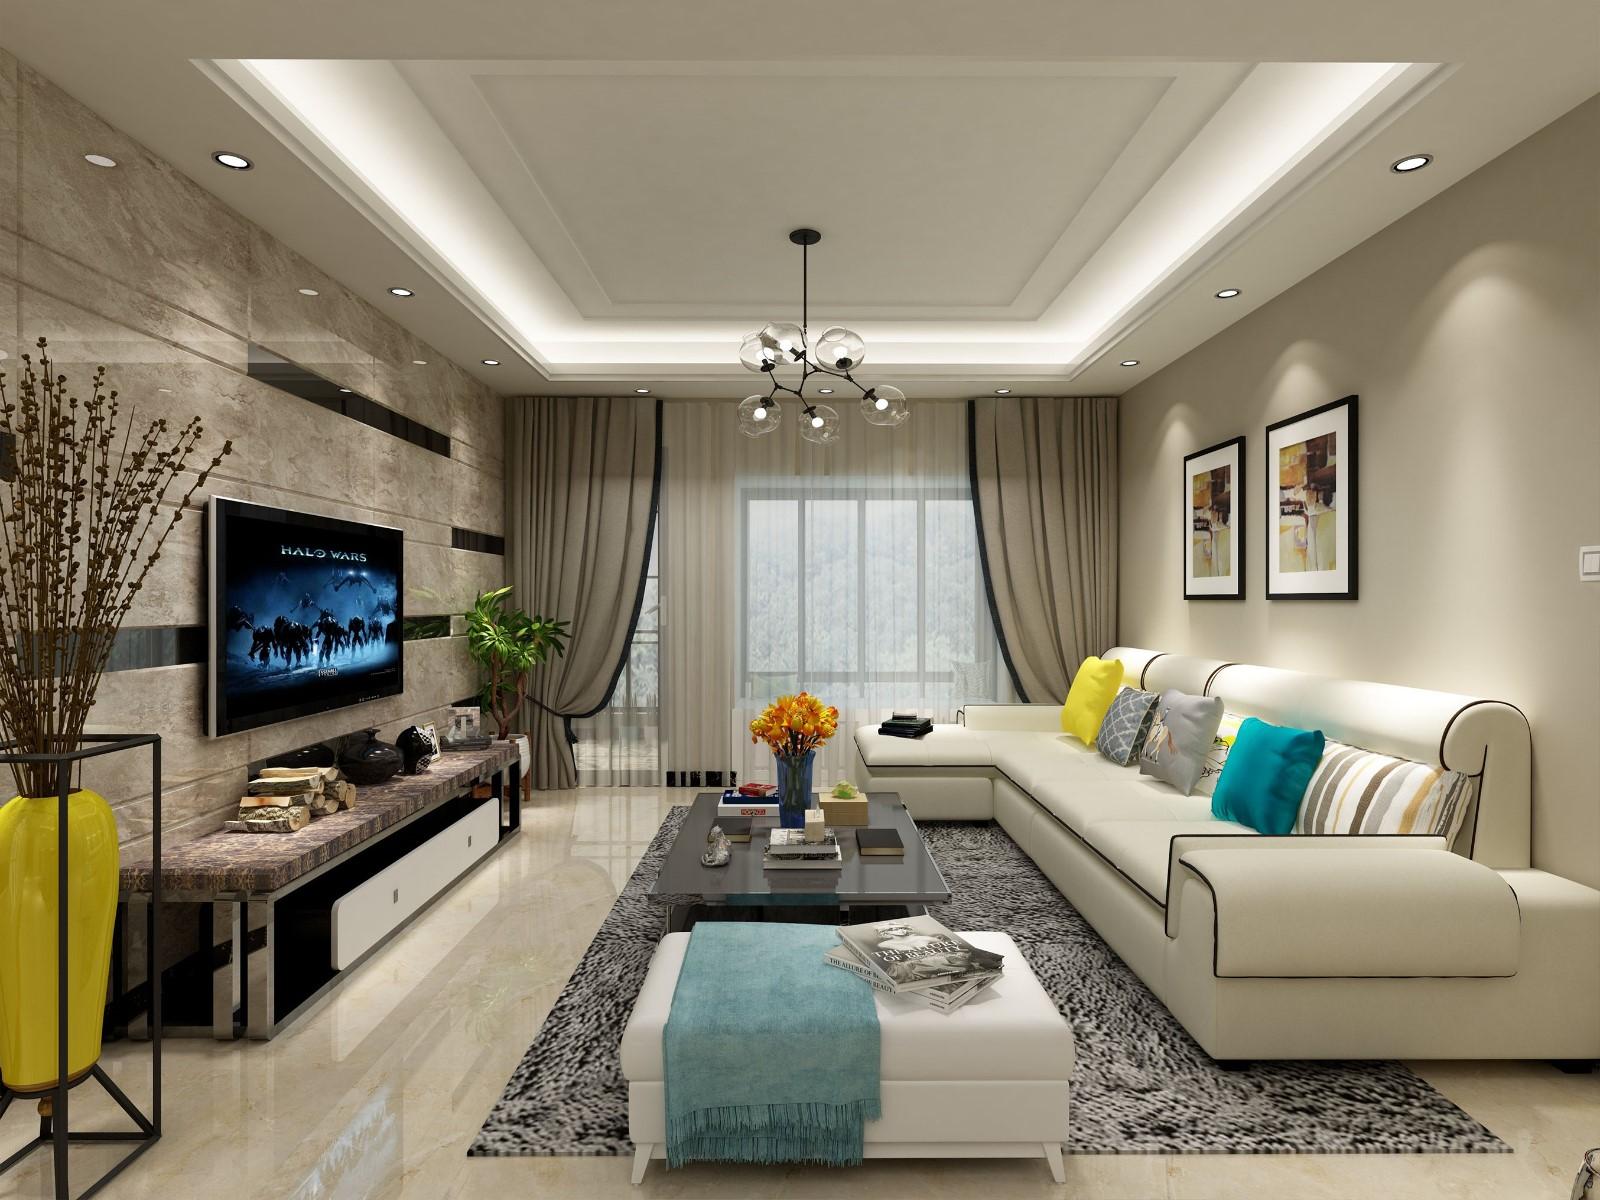 4室2卫1厅122平米现代简约风格